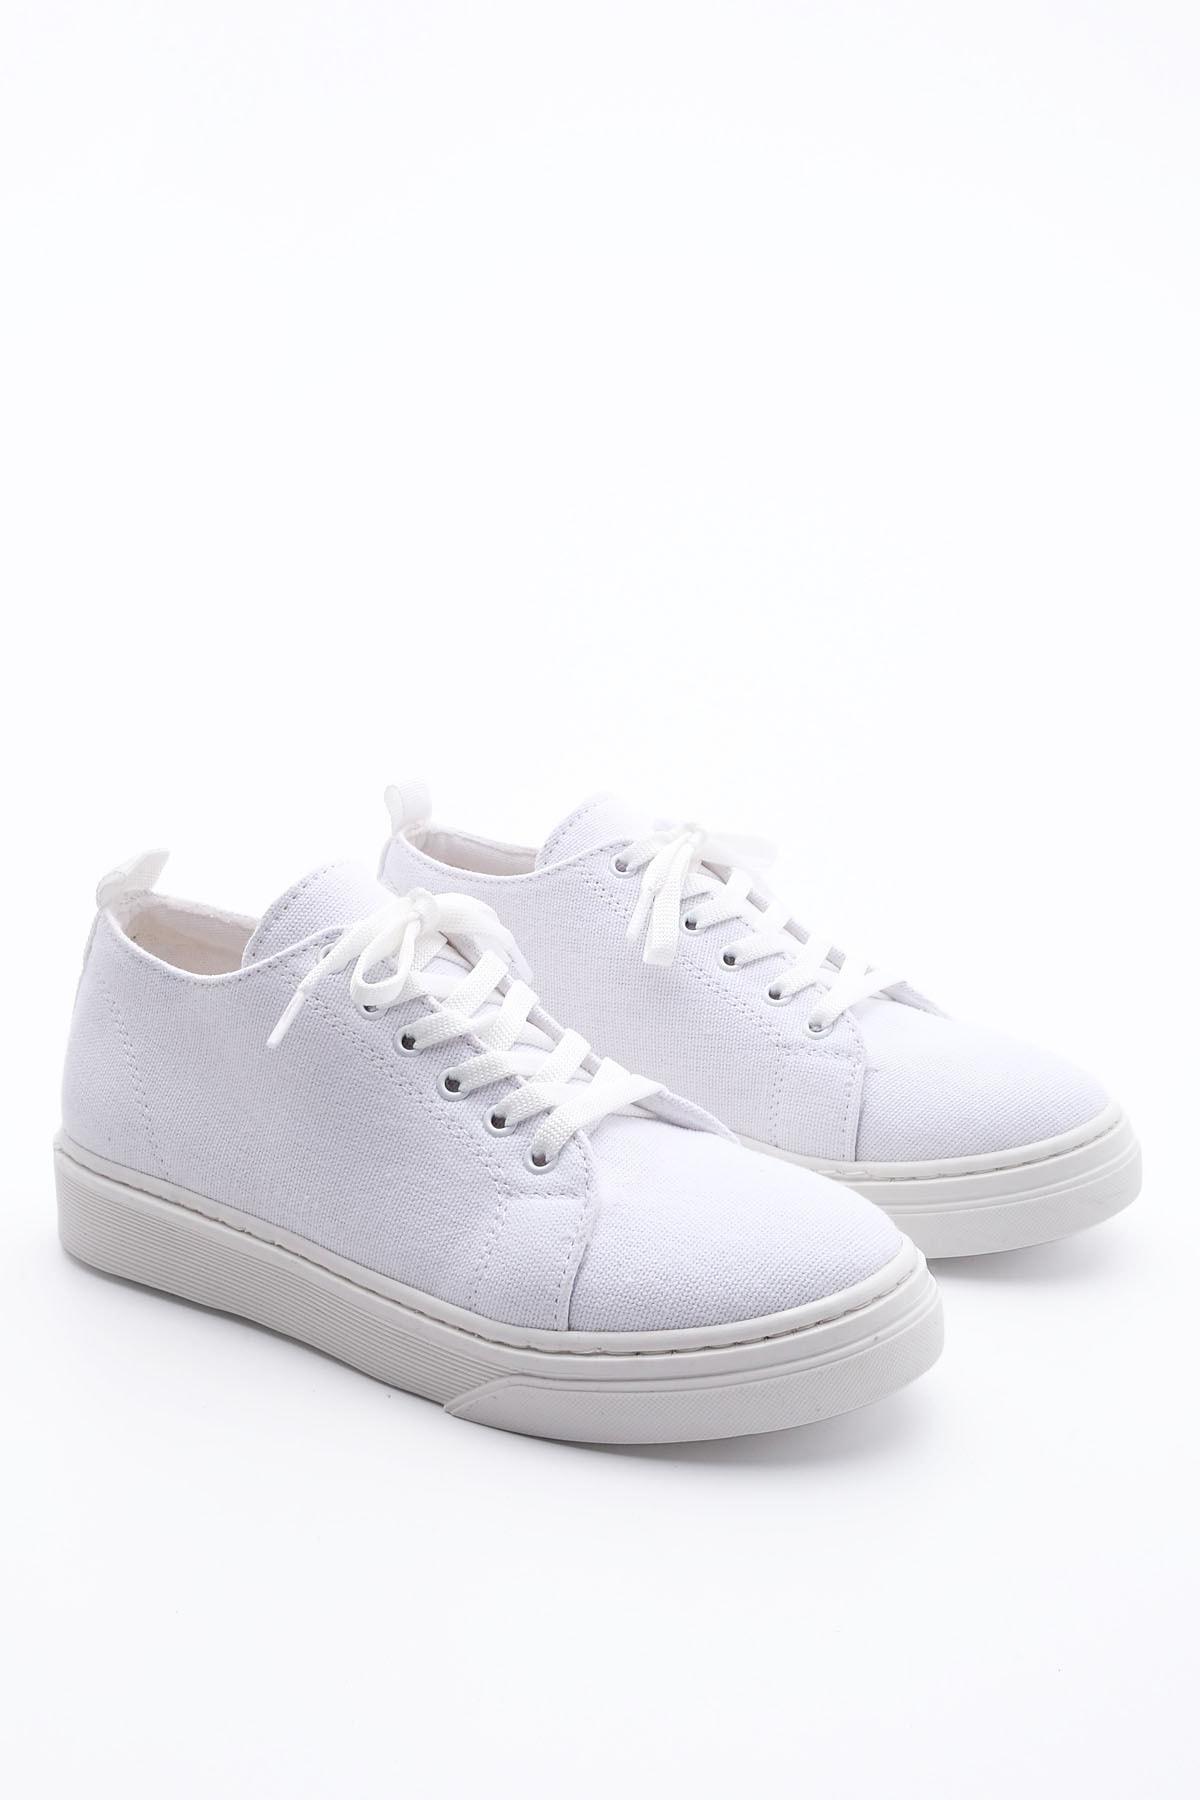 Marjin Kadın Sneaker Keten Spor Ayakkabı RulazBeyaz 4